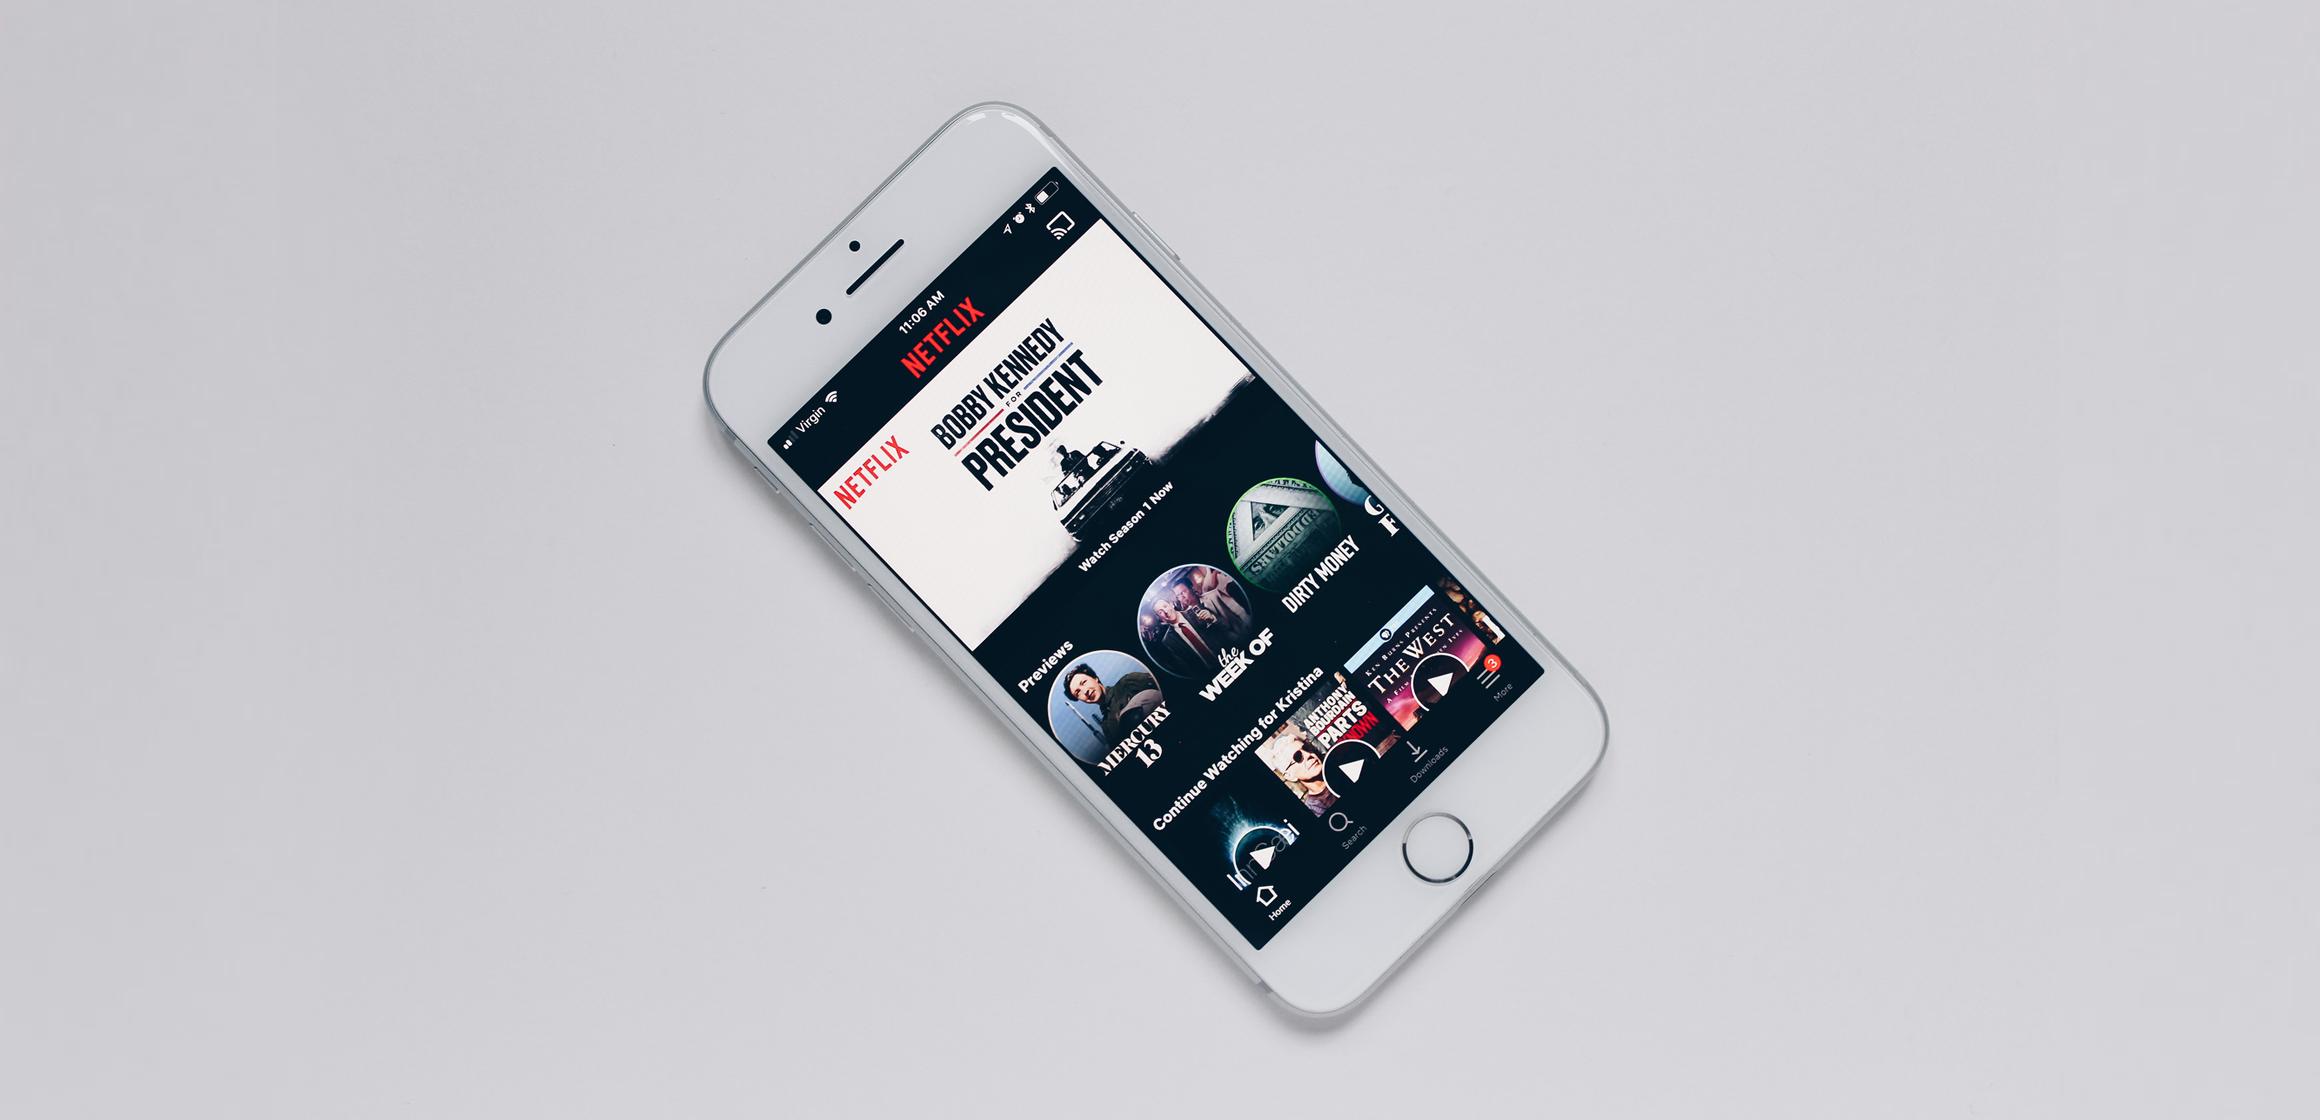 Top 10 mobilních seznamovacích webů vtipné způsoby, jak říct, datování